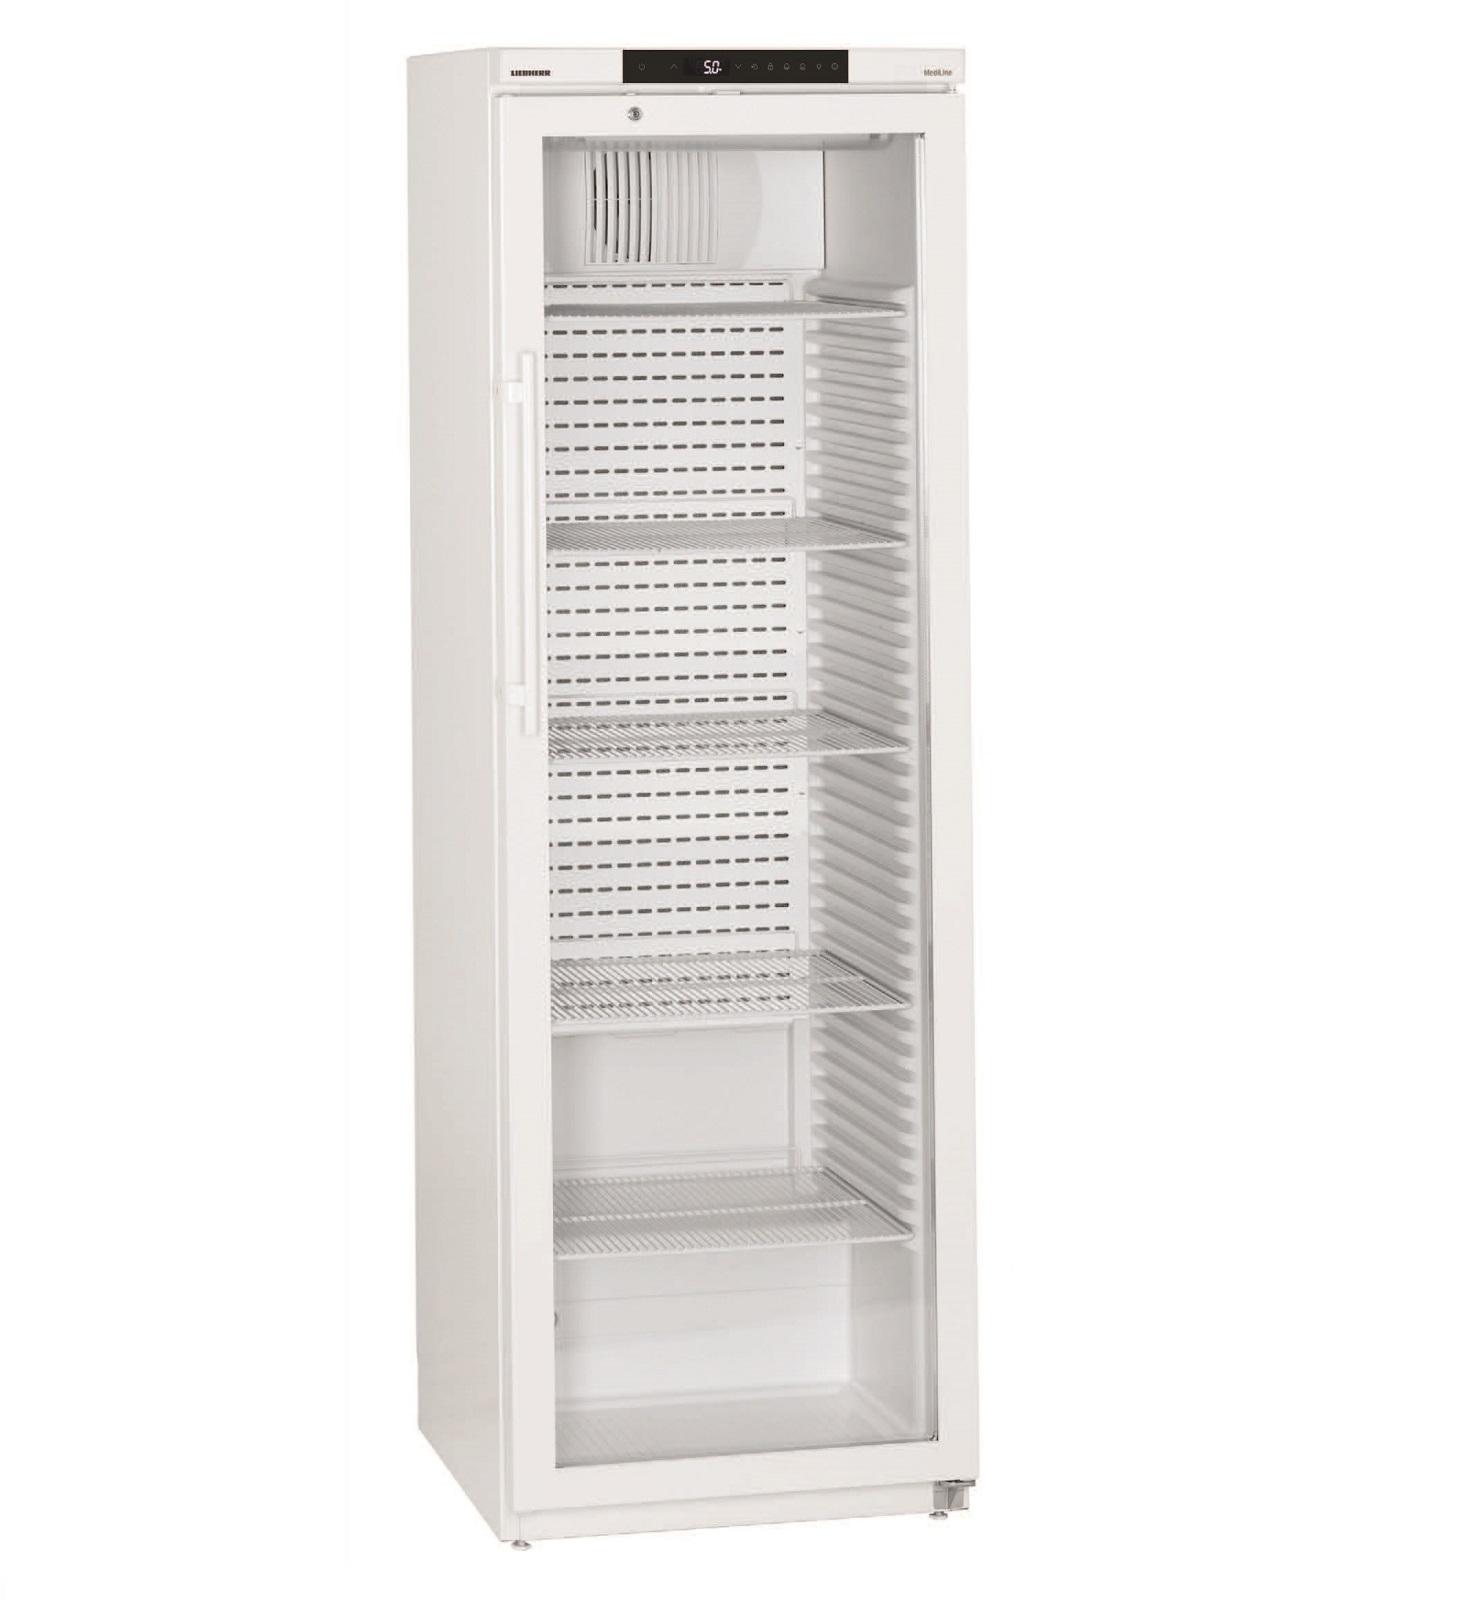 купить Лабораторный холодильный шкаф Liebherr MKv 3913 Украина фото 1